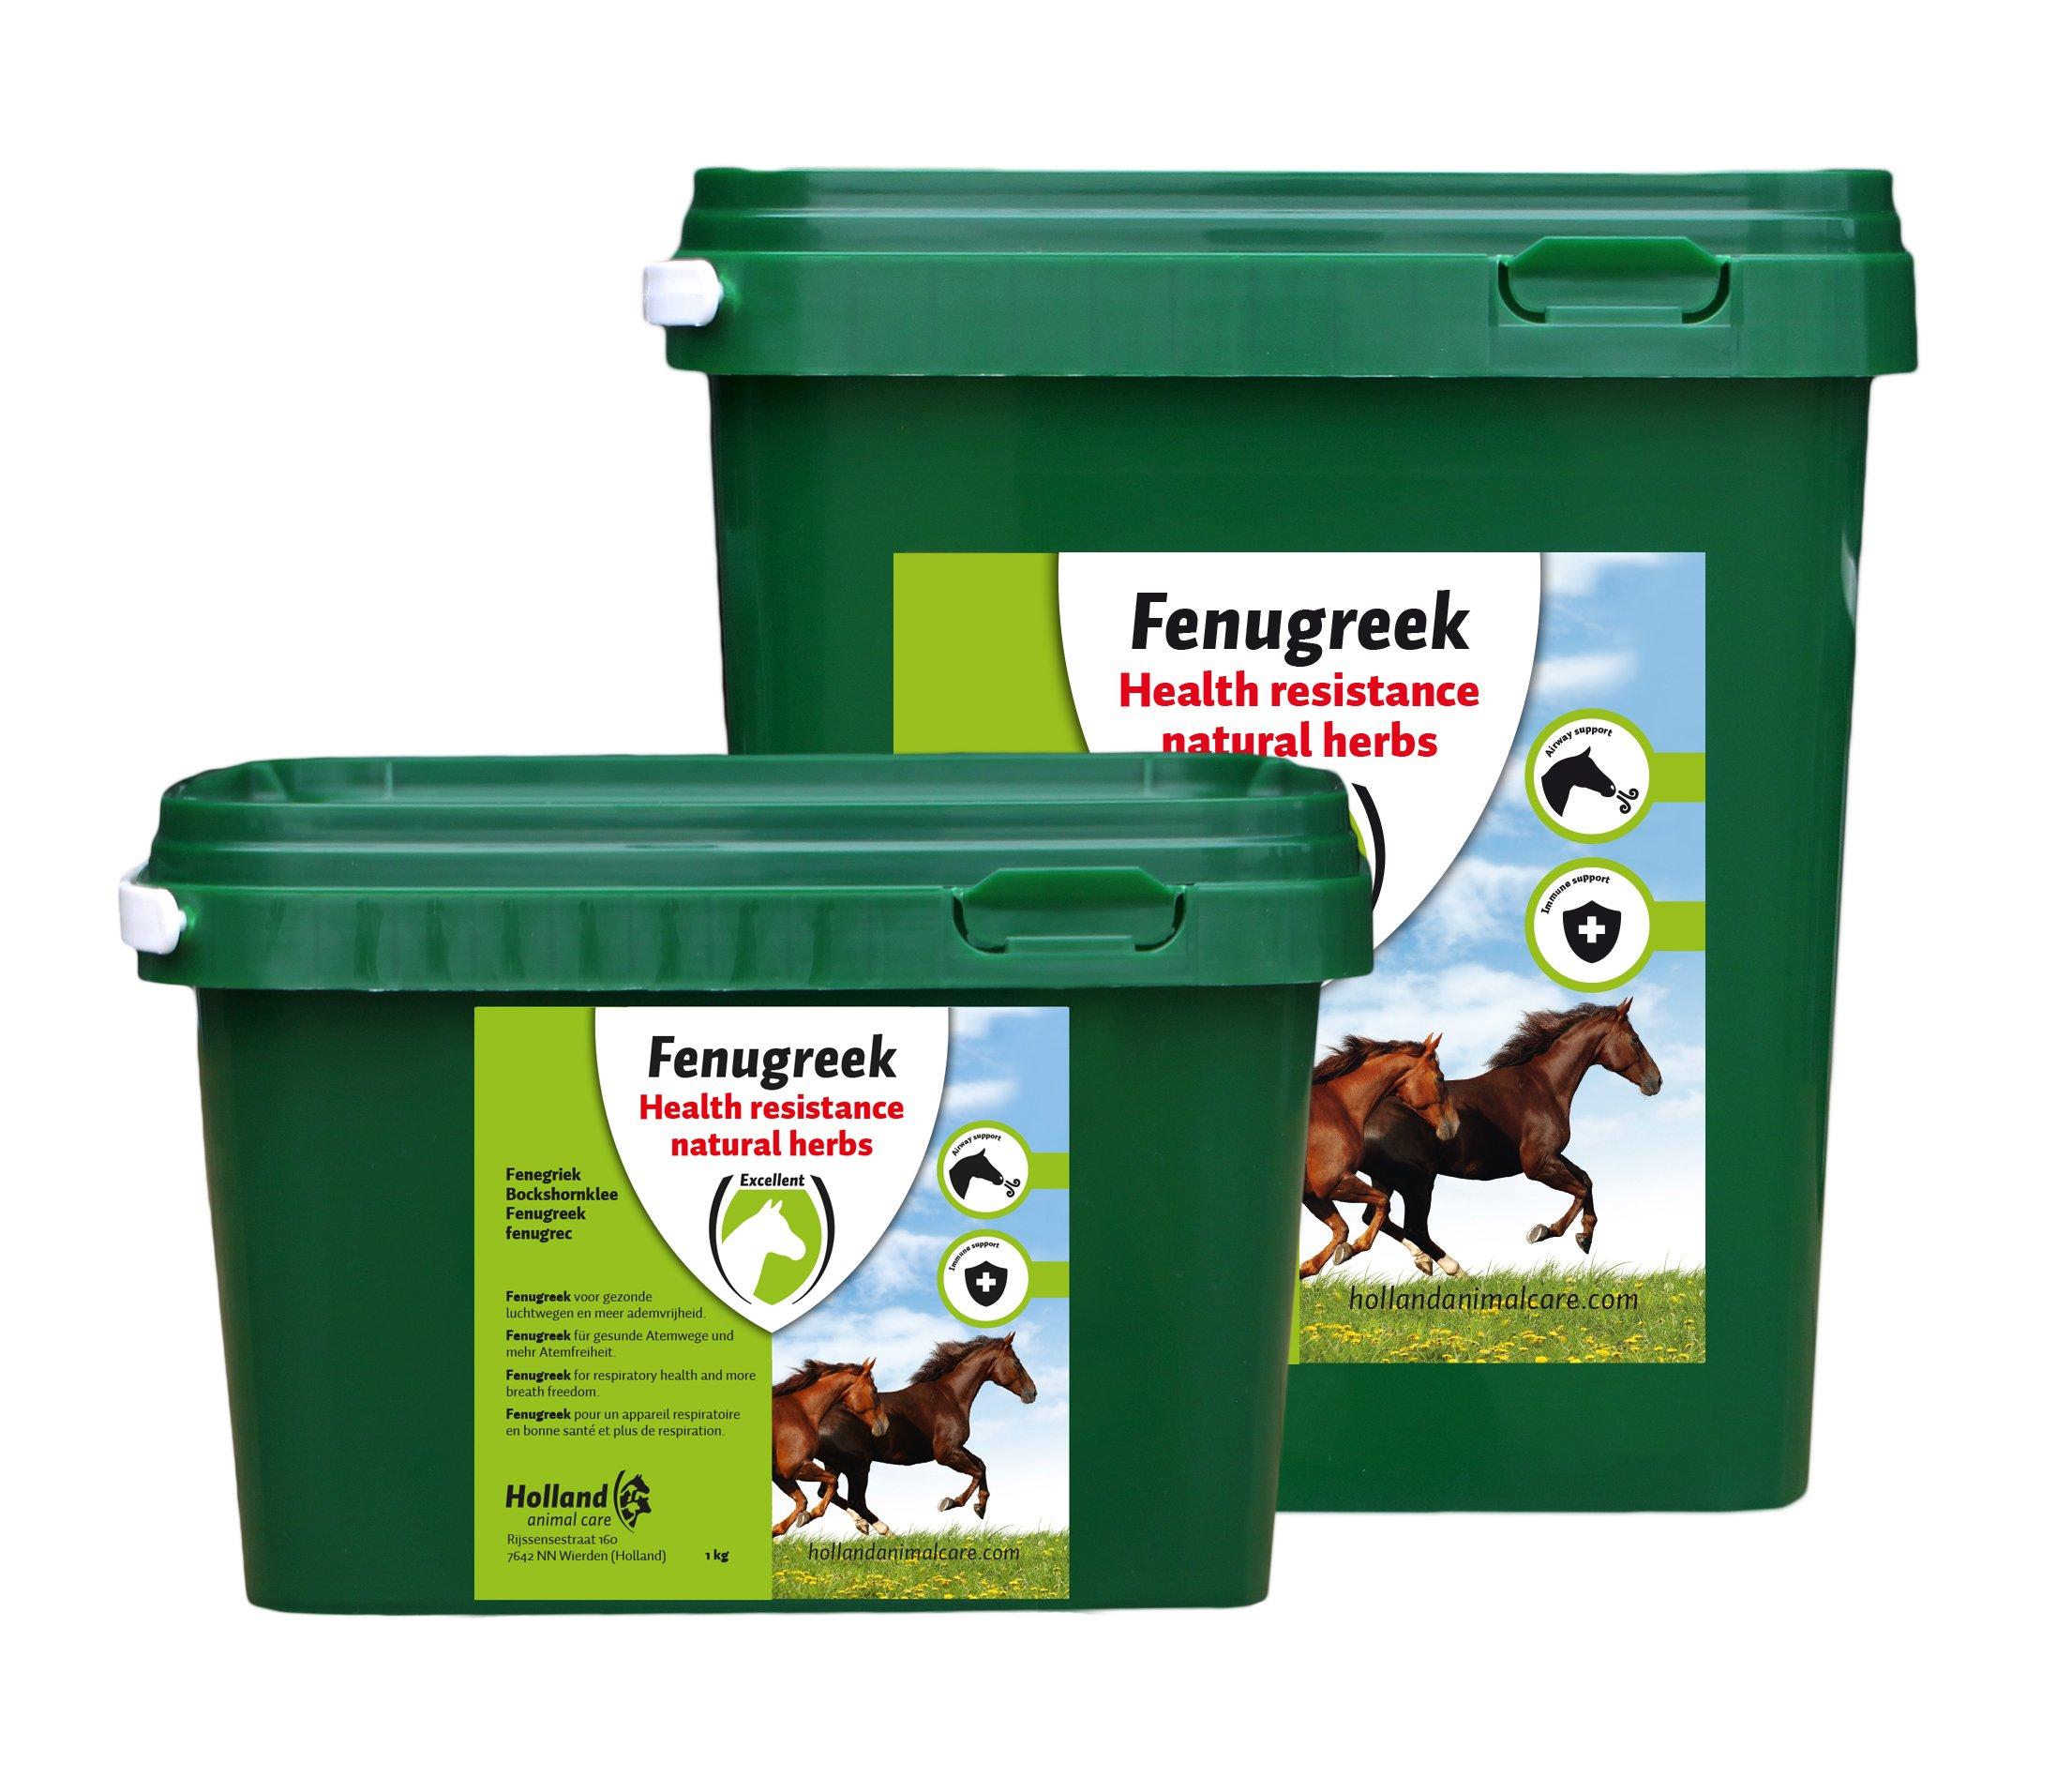 Fenugreek (Fenegriek)